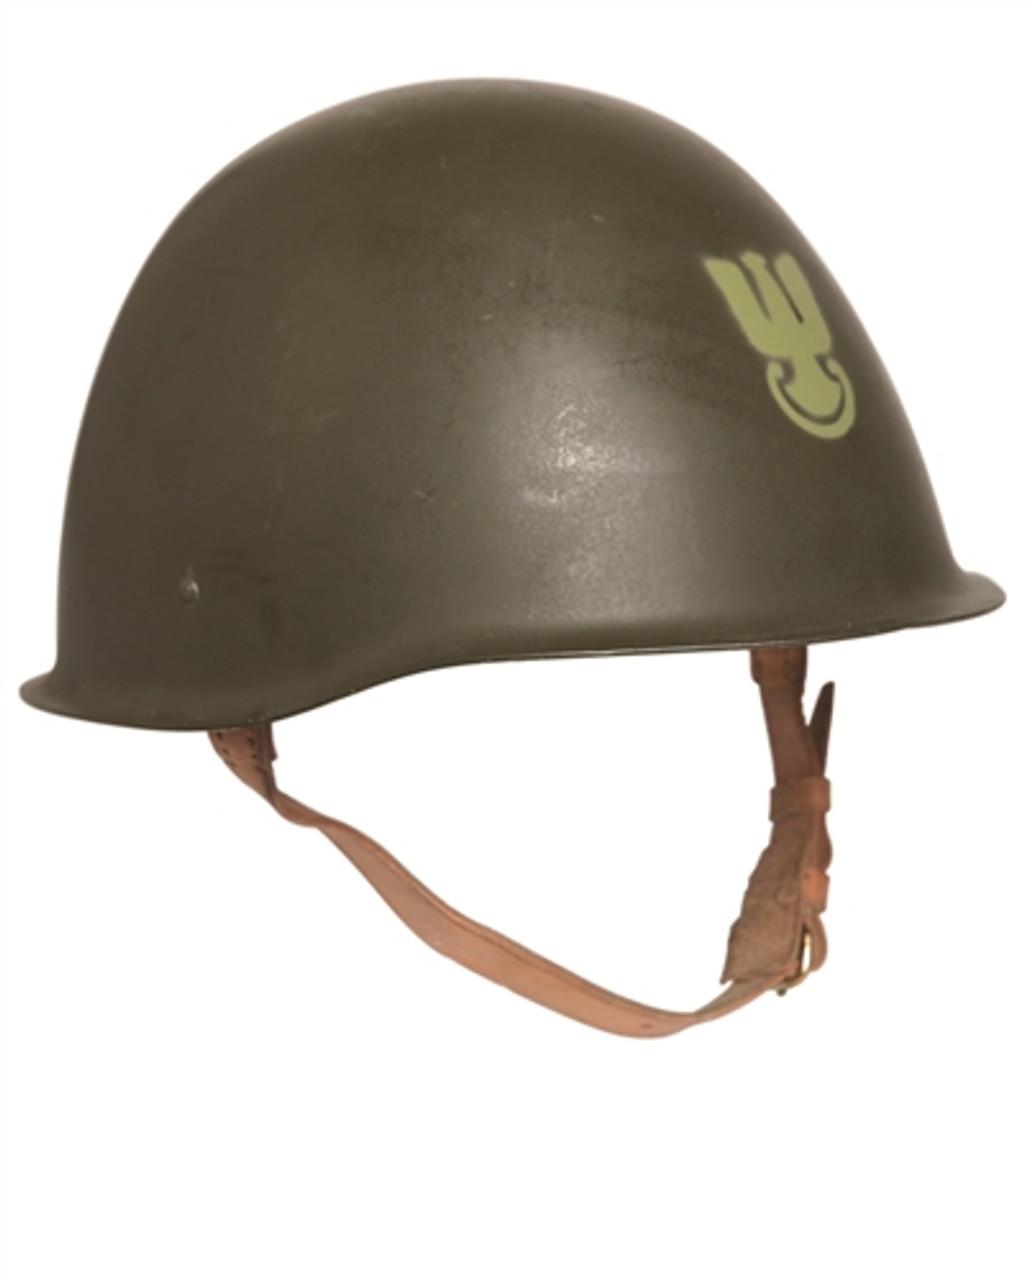 Polish Steel Helmet from Hessen Antique